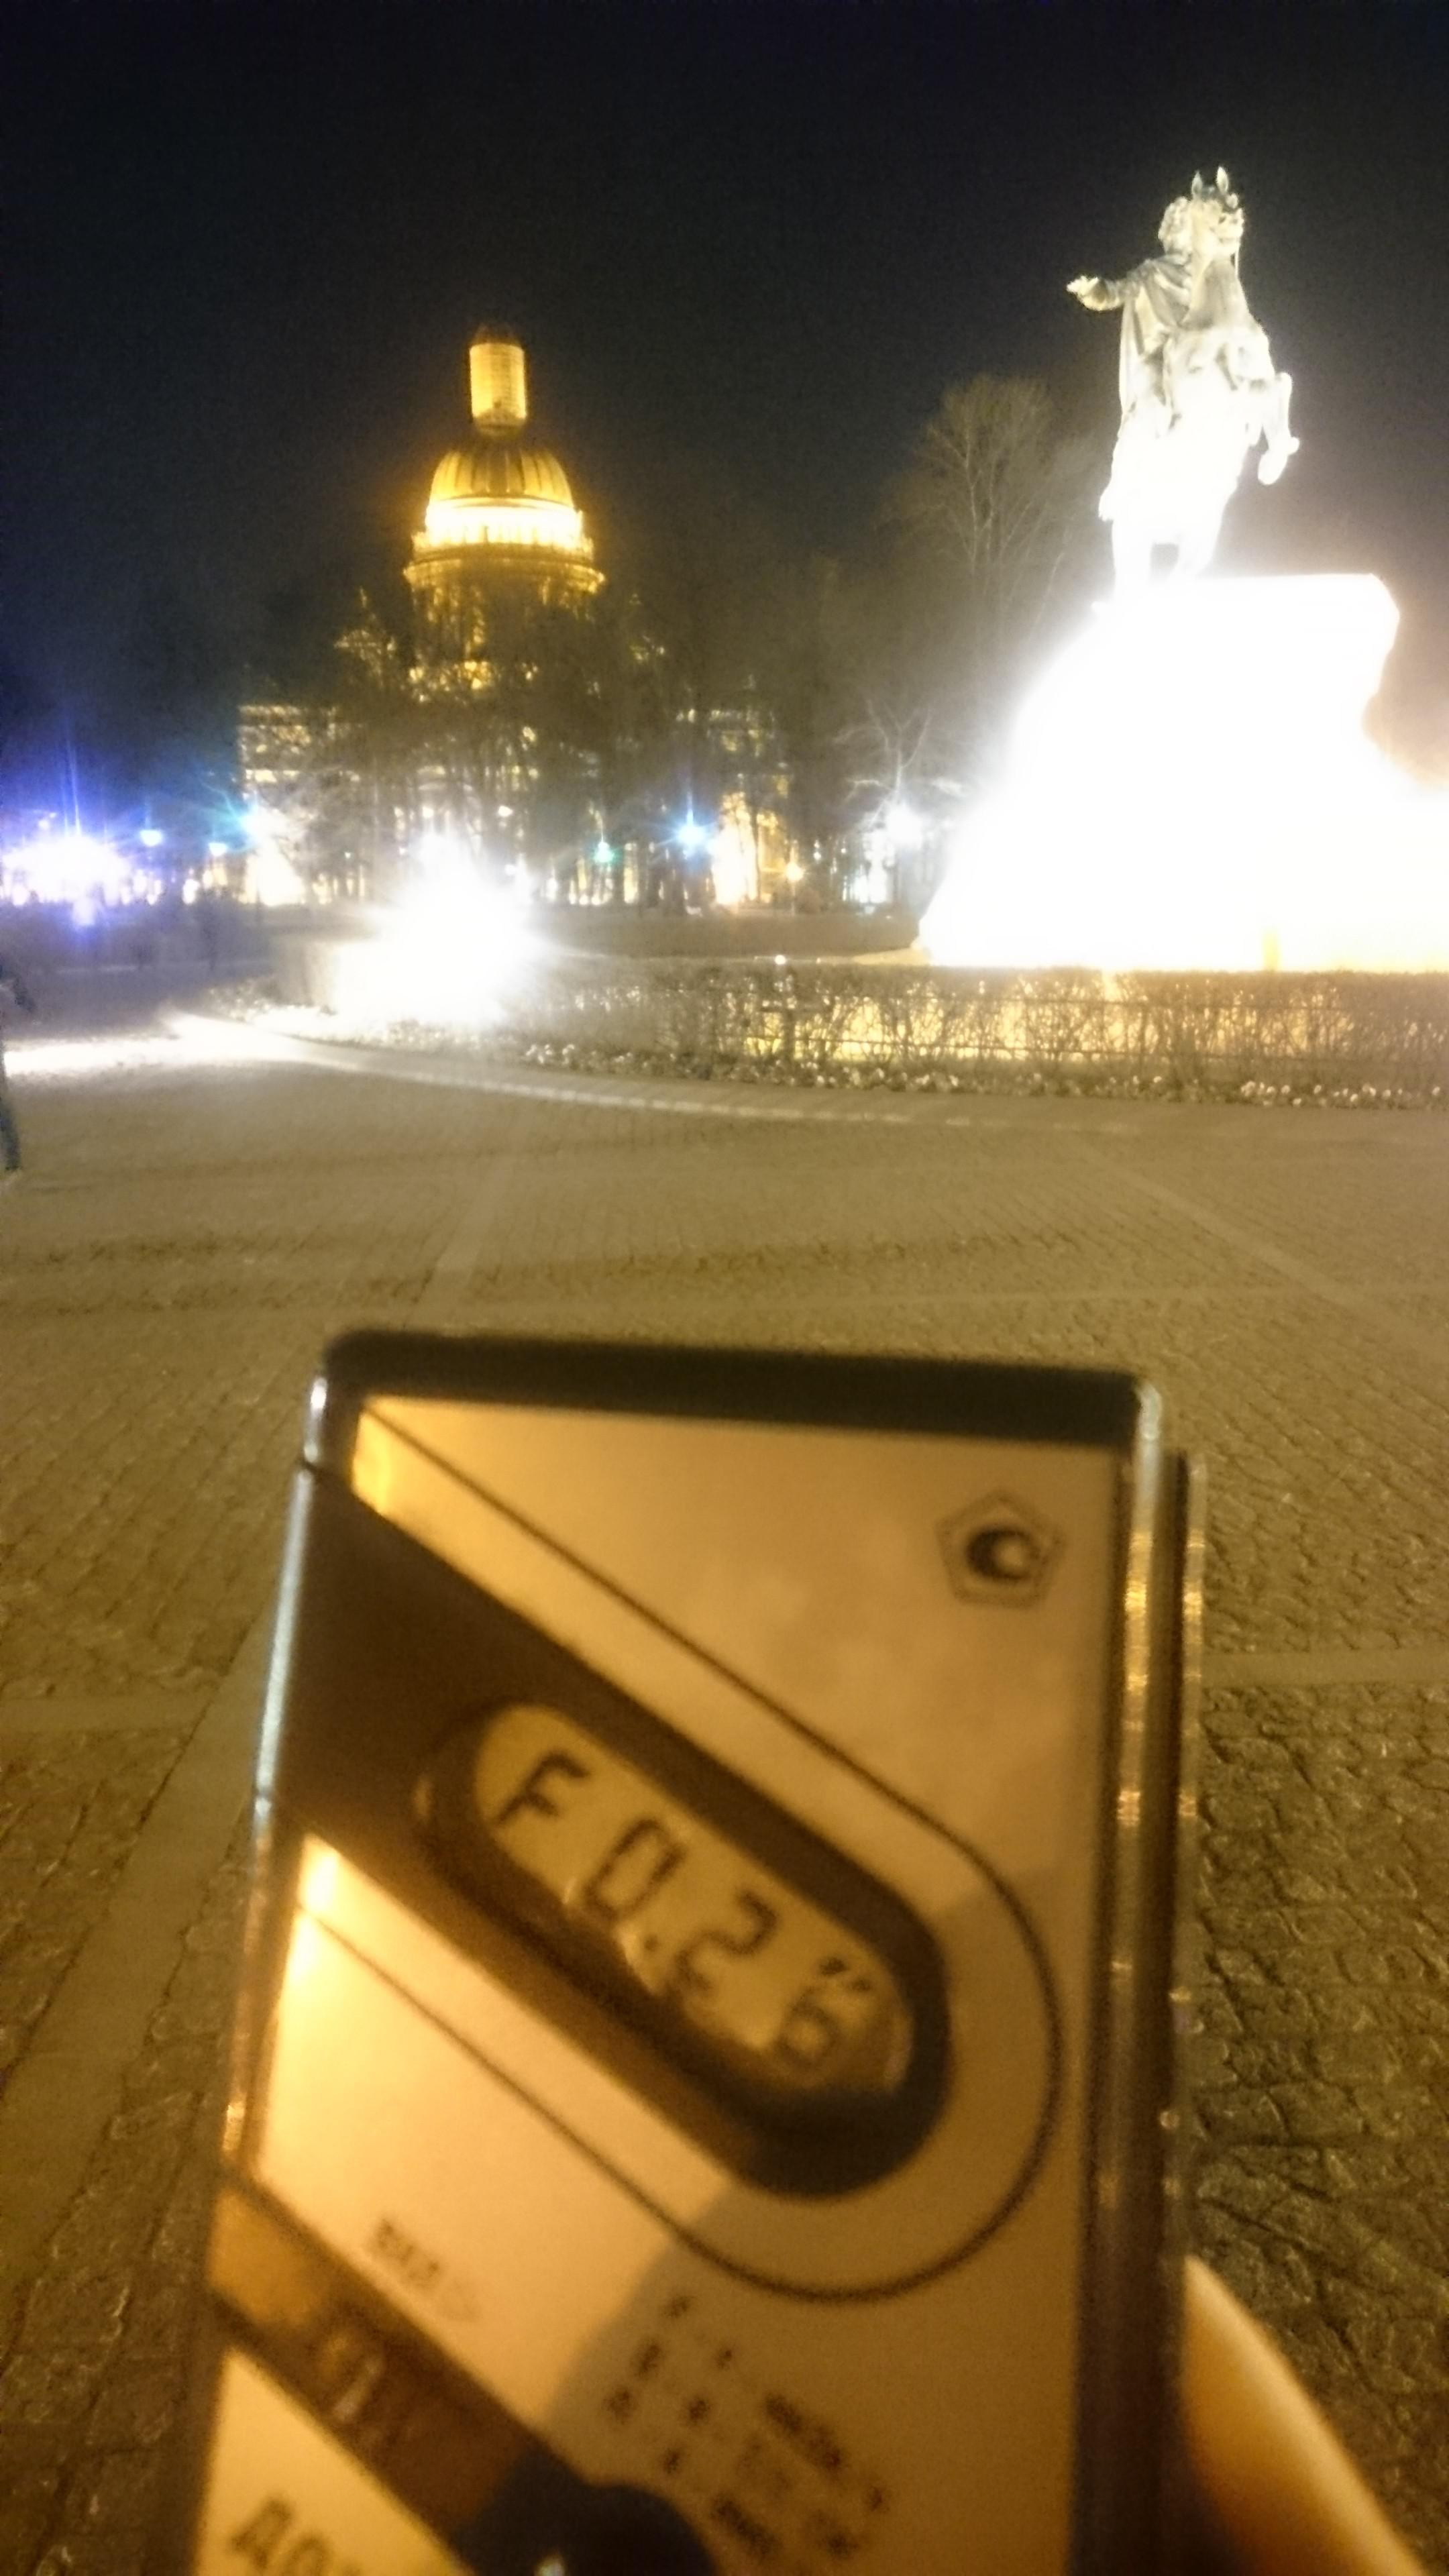 Точка измерения МЭД гамма-излучени у Медного Всадника в Санкт-Петербурге